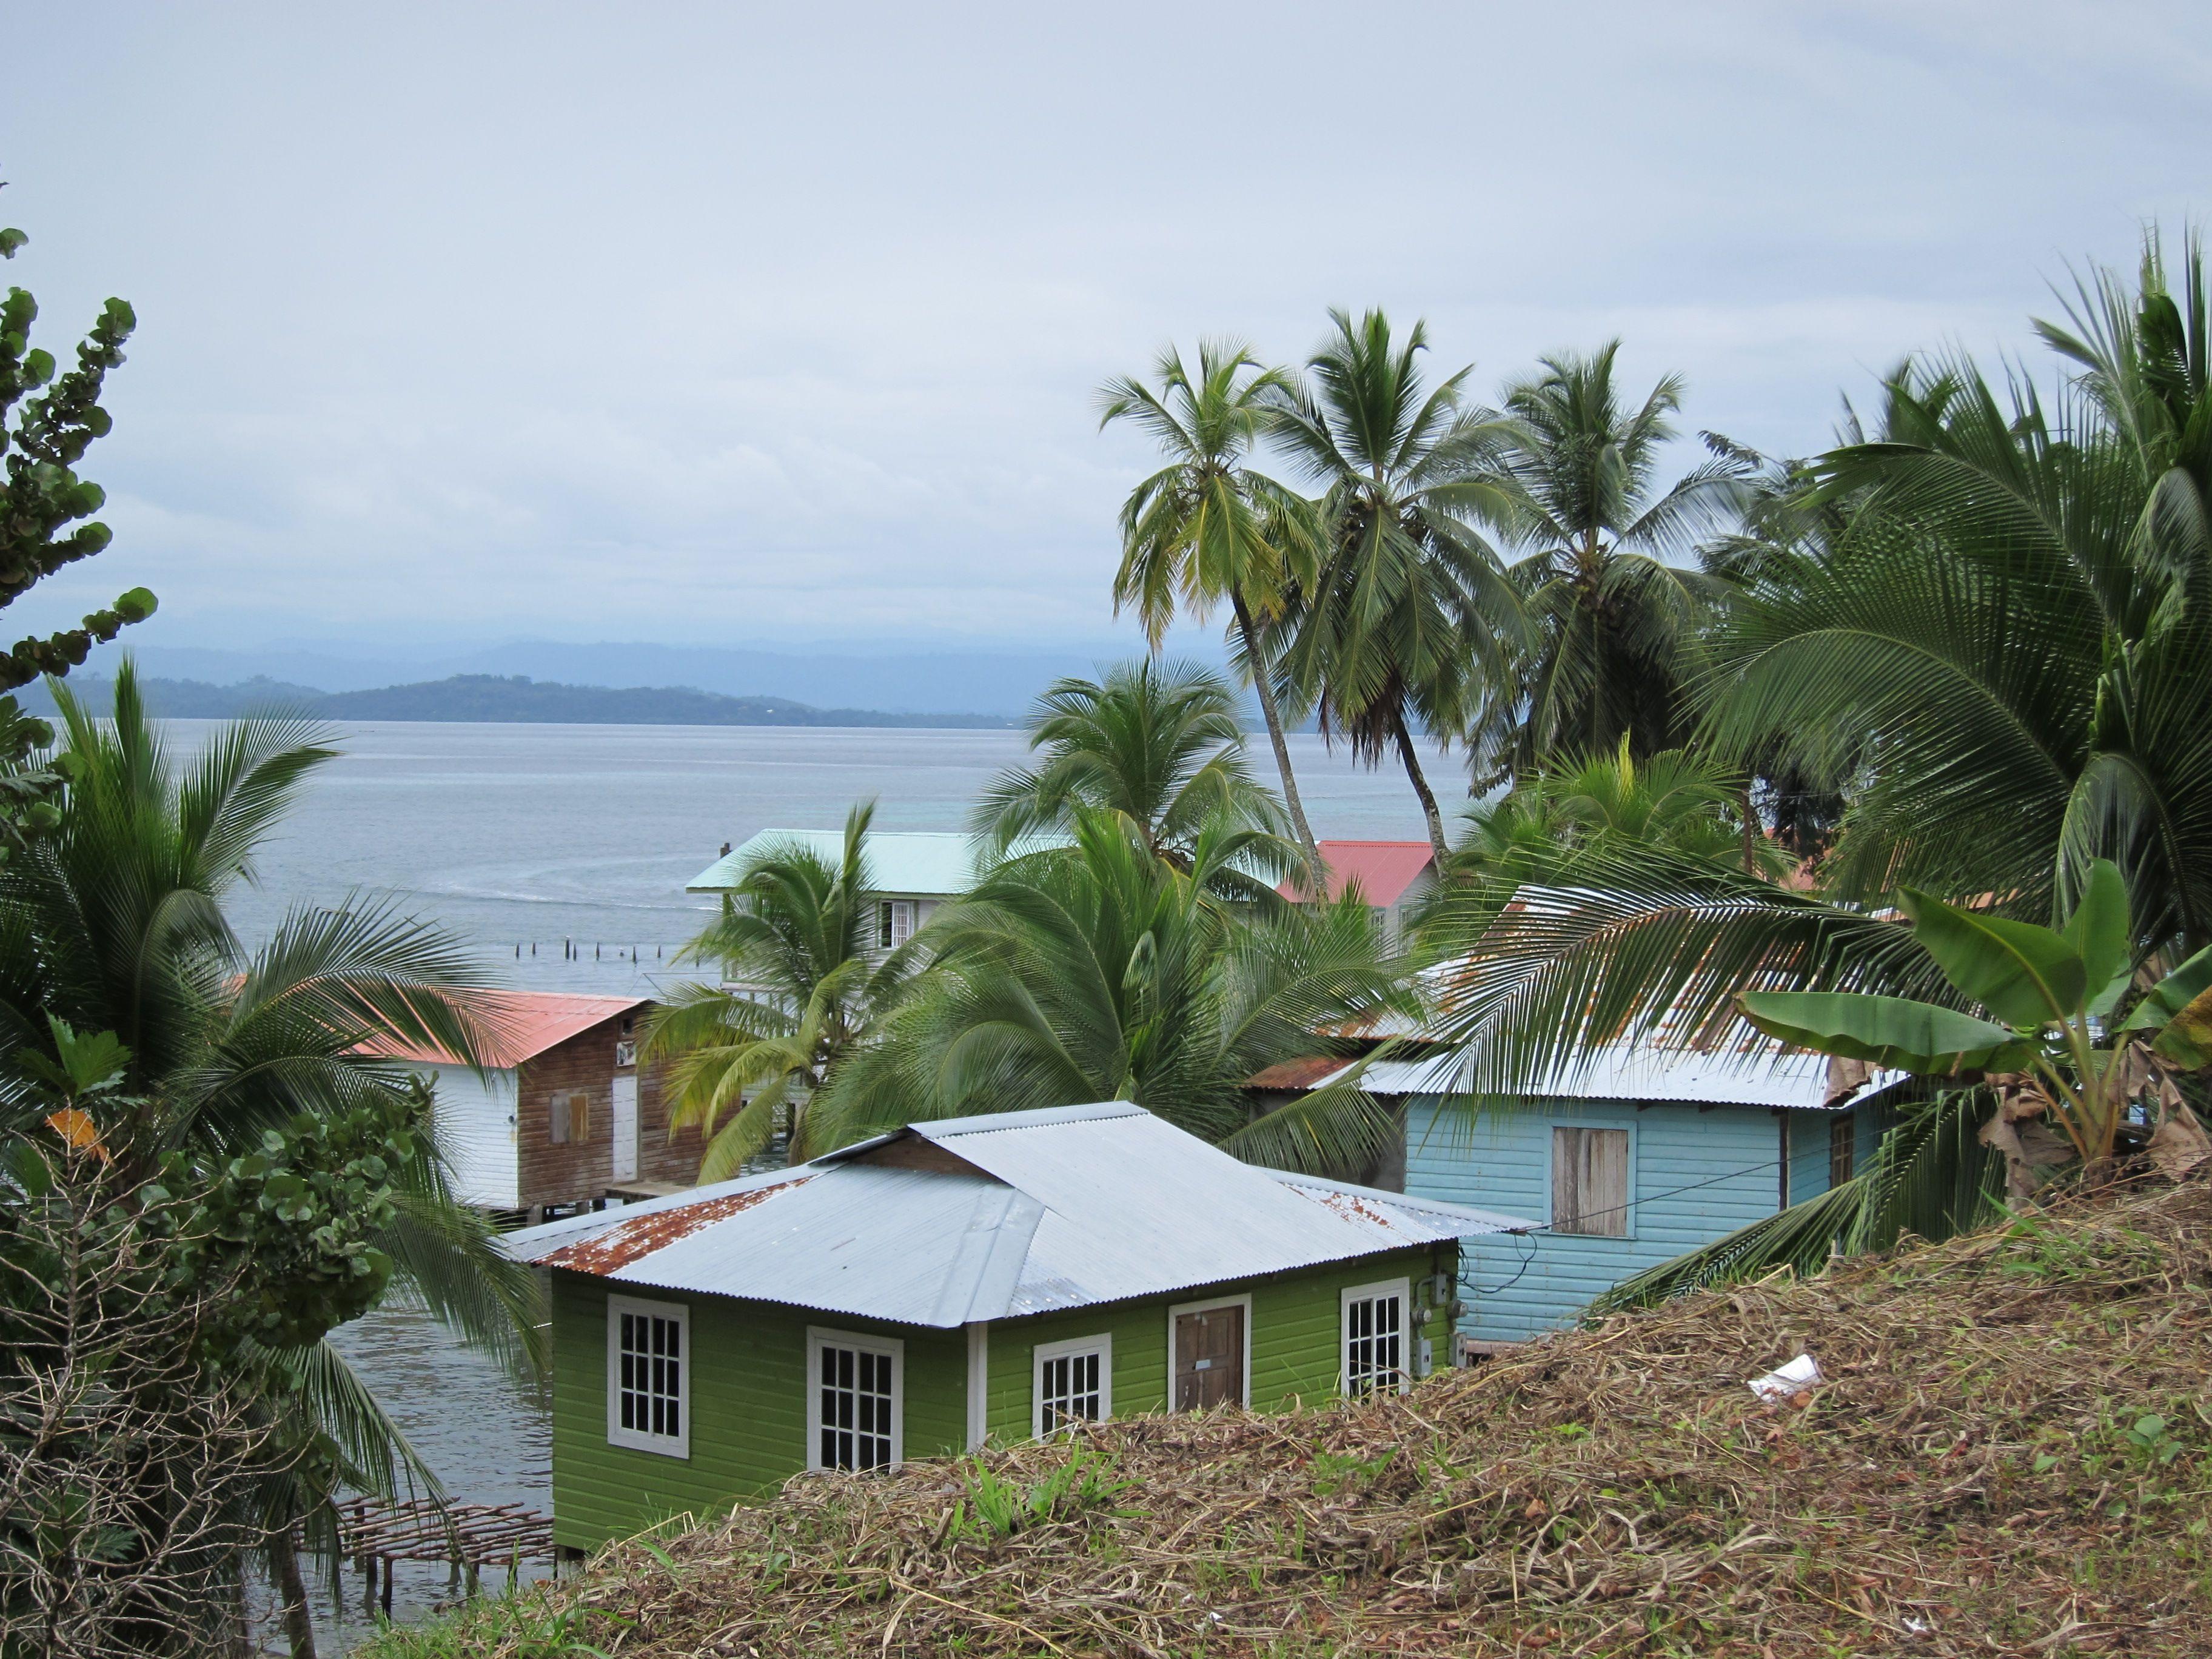 Souostroví Bocas del Toro, Panama